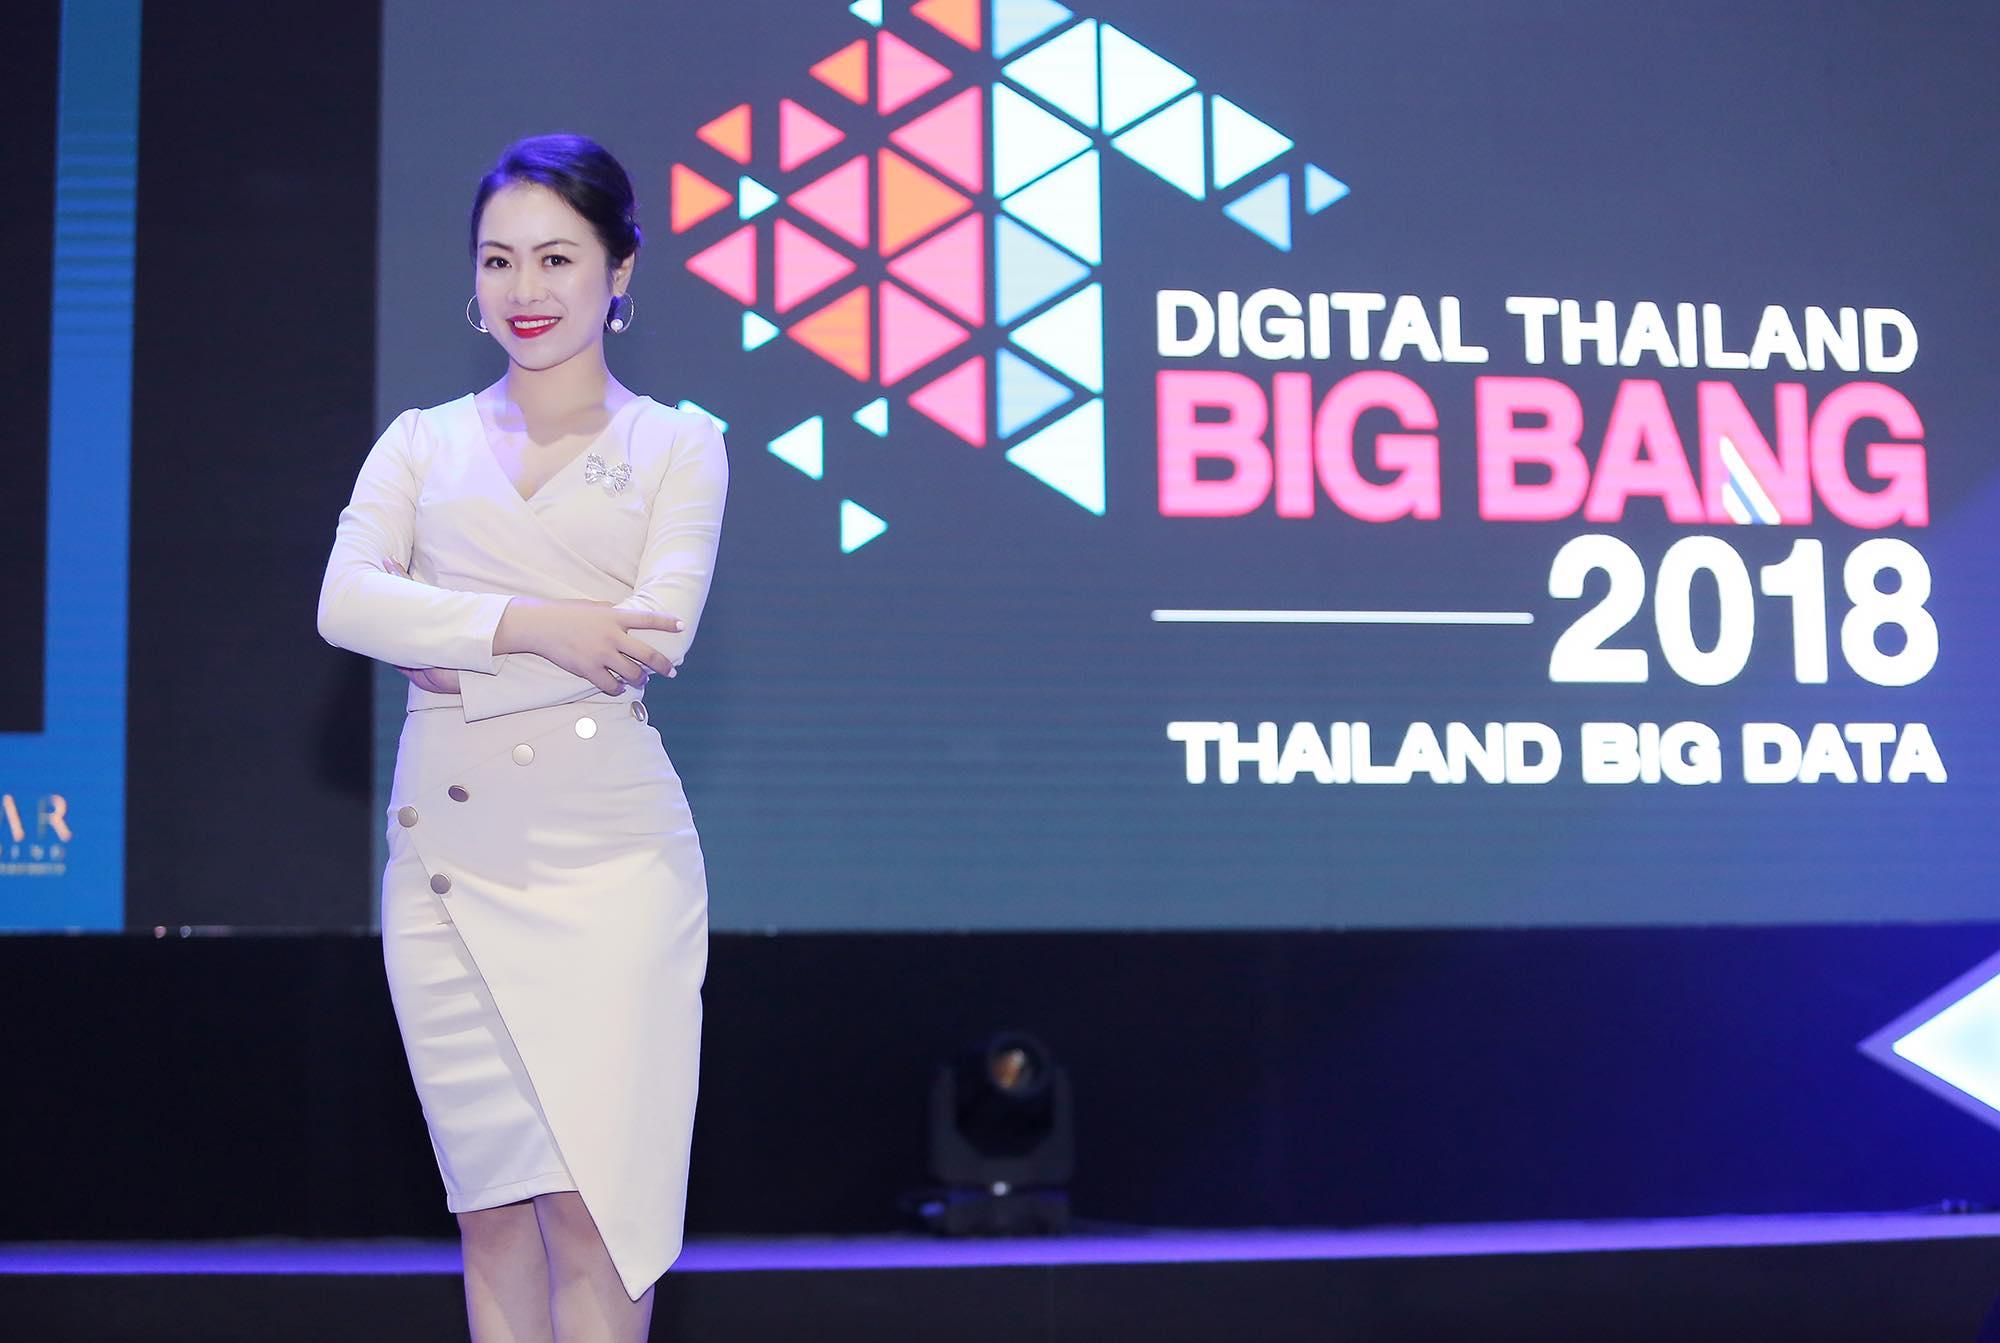 Thy Nga trong một sự kiện khởi nghiệp tại Thái Lan V-Startup tham gia điều phối.